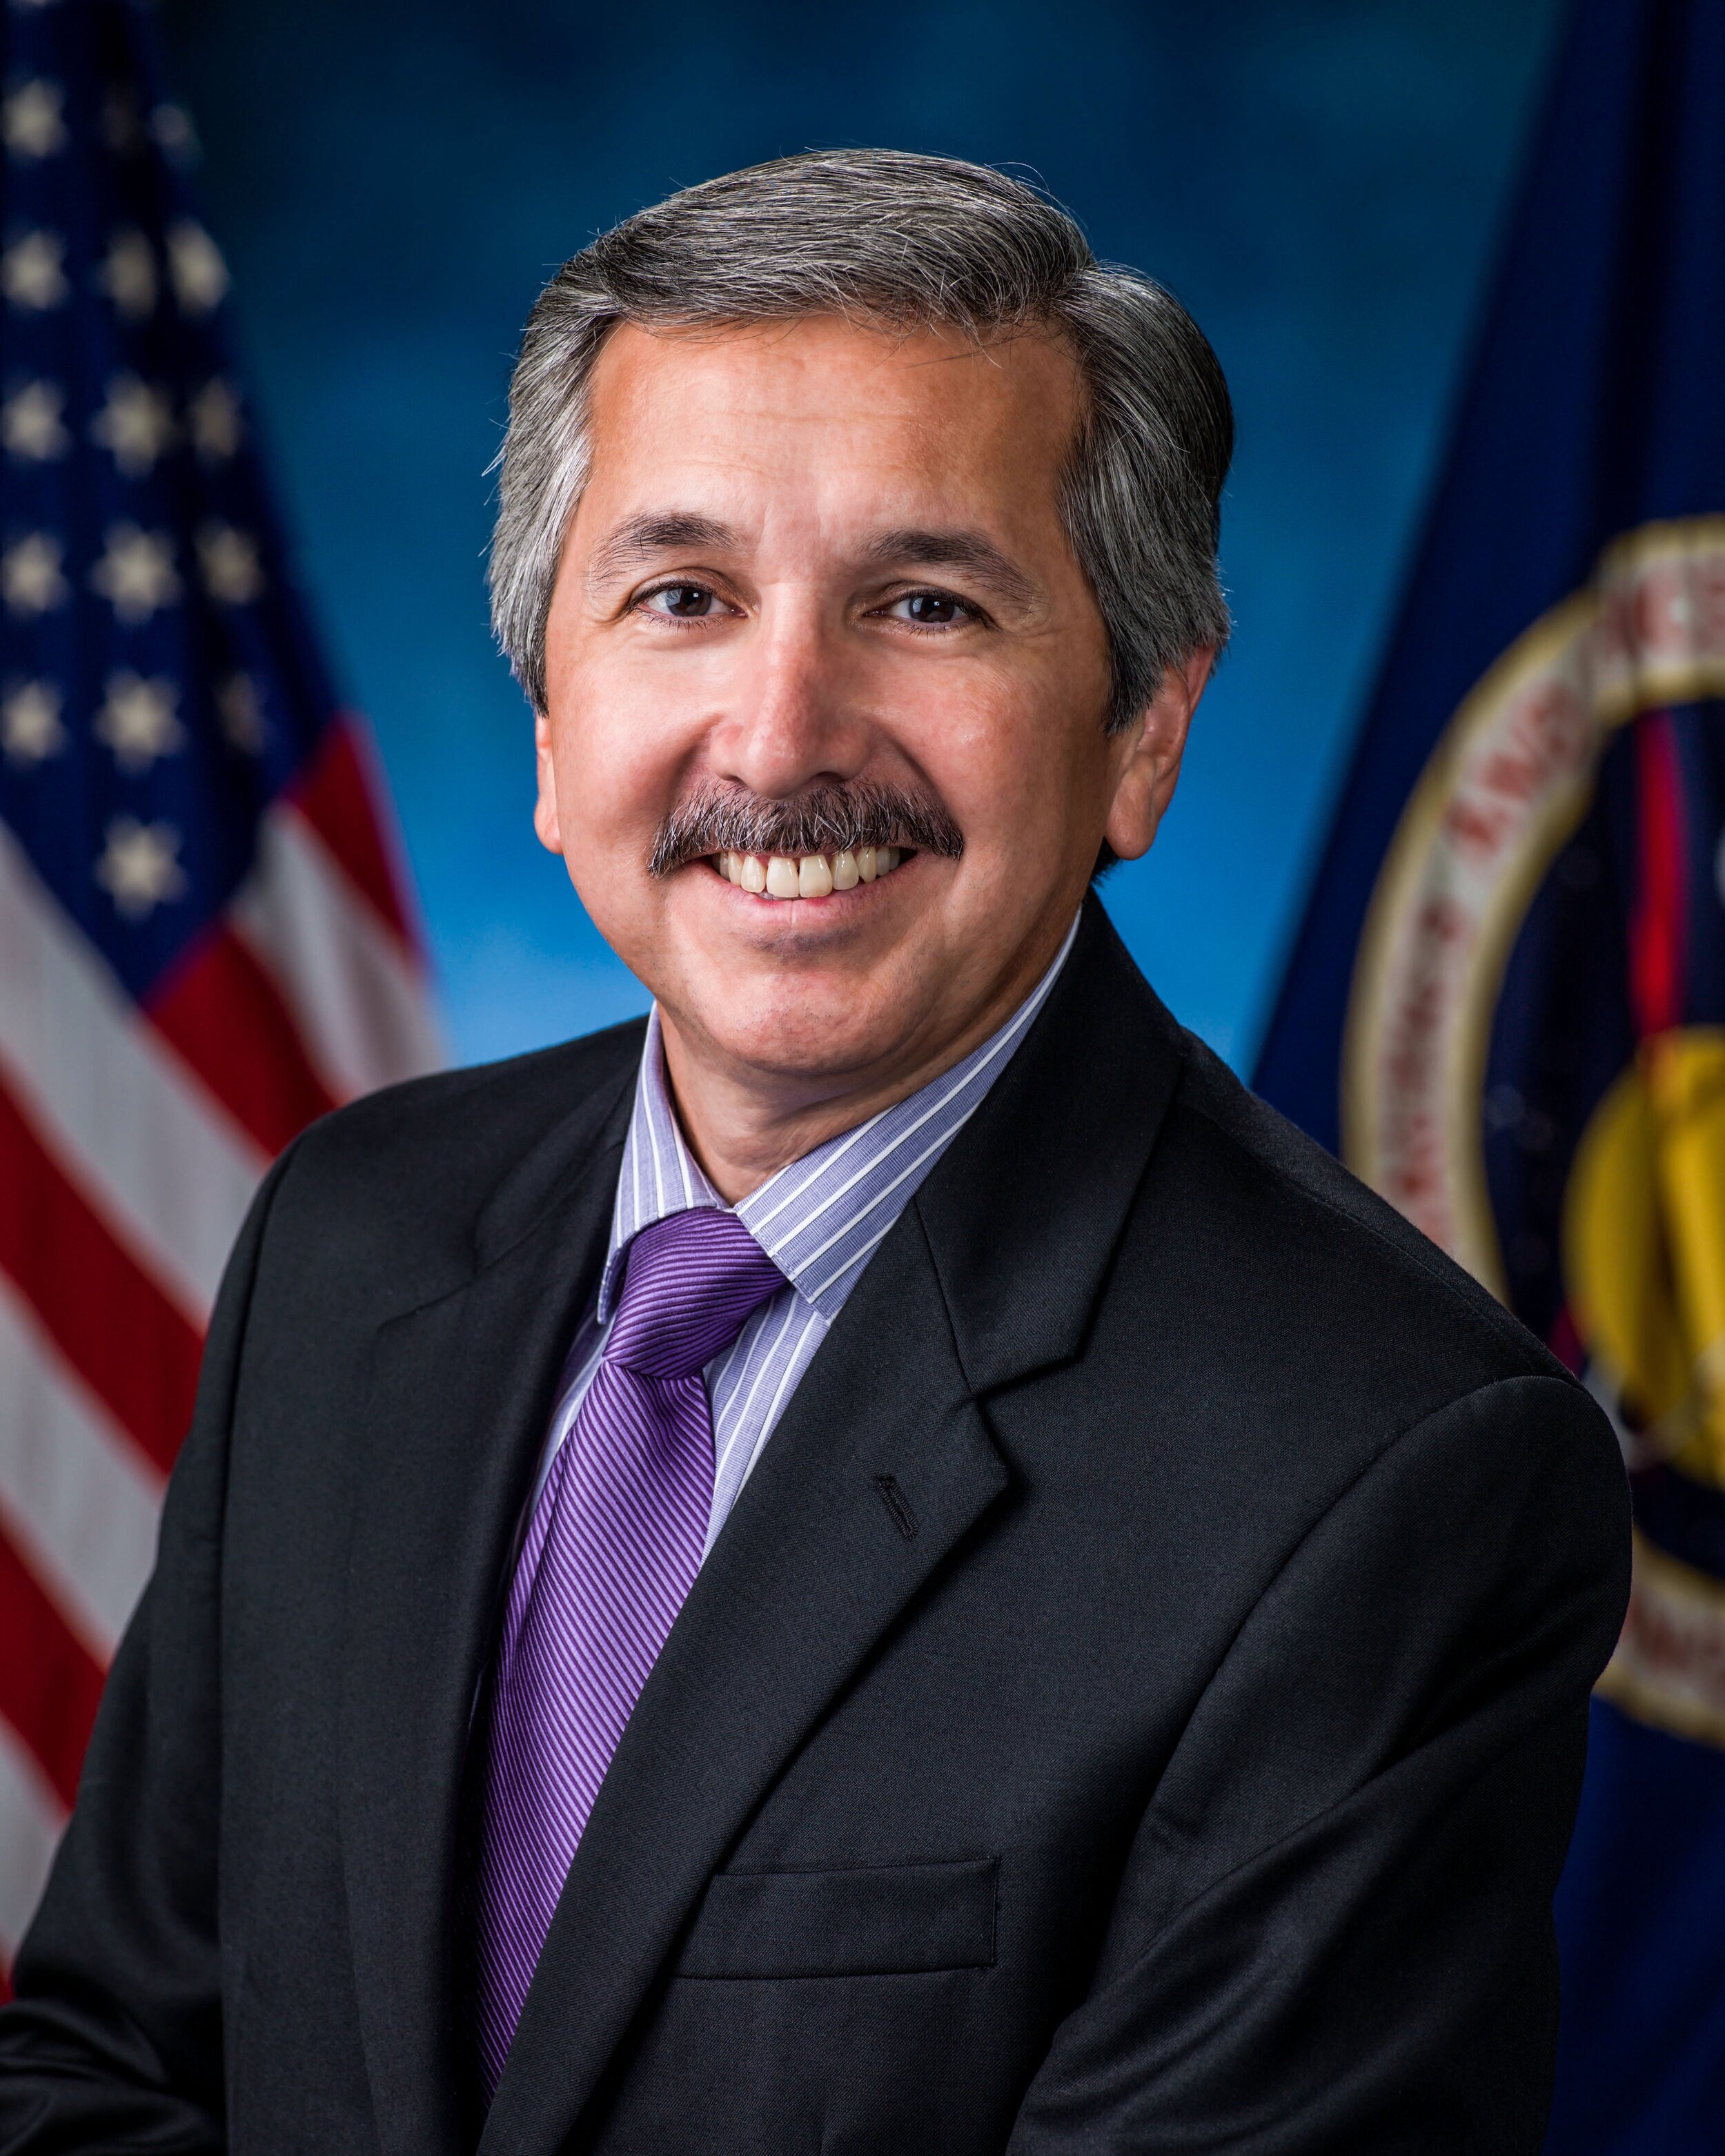 LIFETIMEACHIEVEMENTRobert A.Villarreal - ChiefProject Management BranchNASA Johnson Space Center